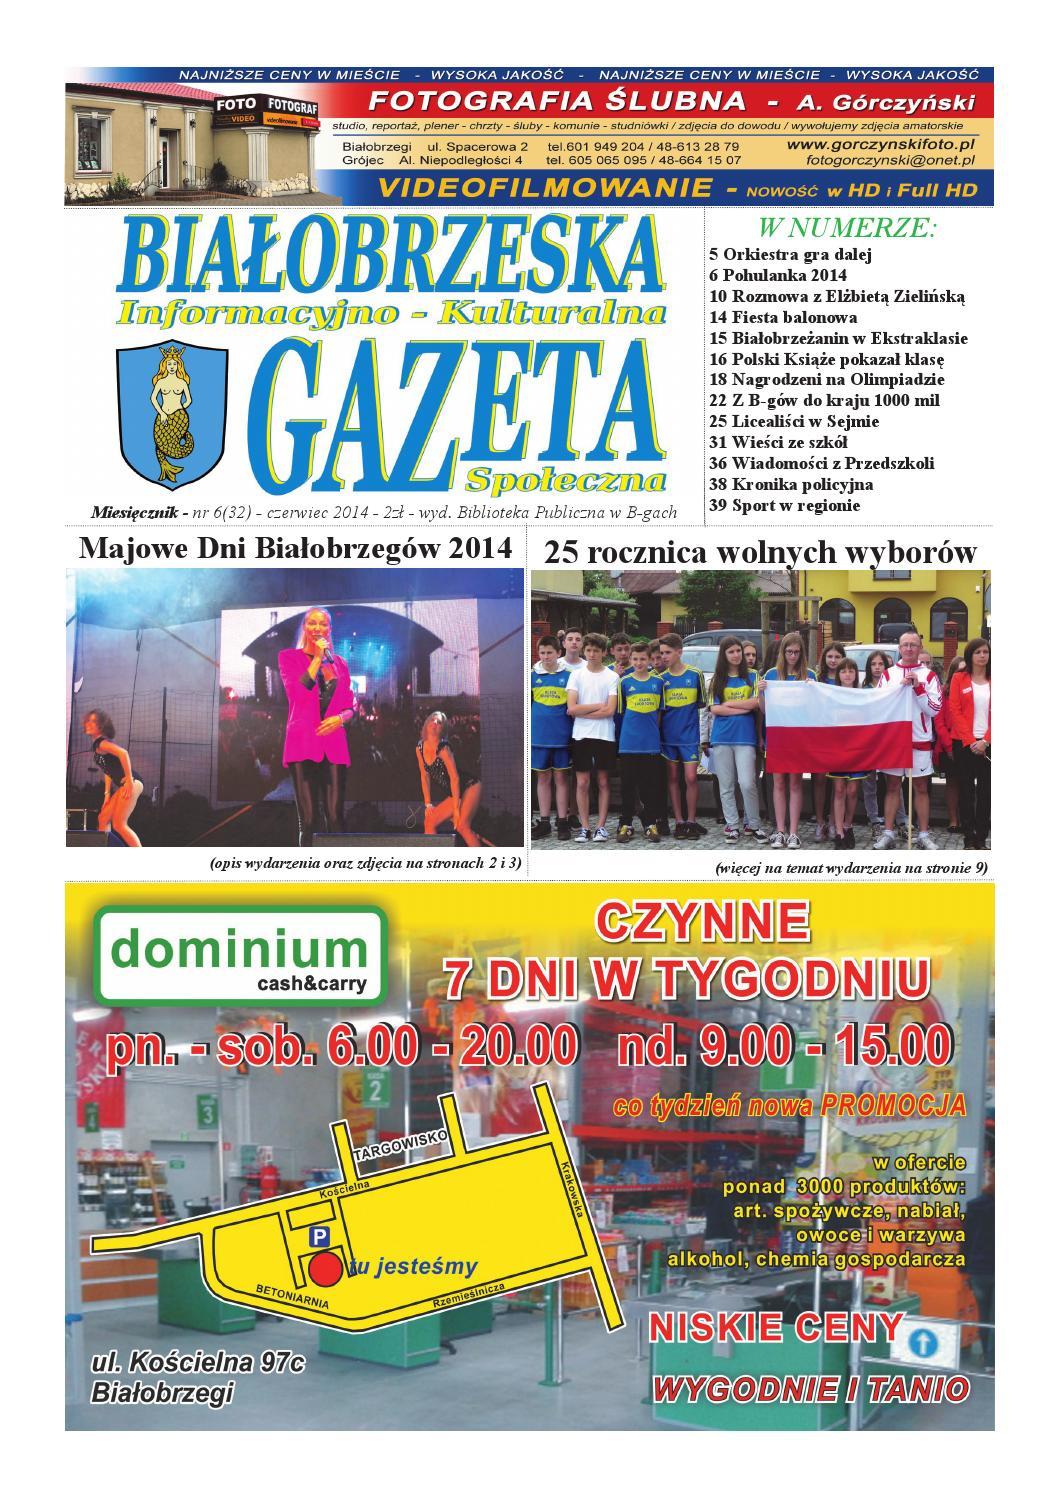 Gazeta Białobrzeska Nr 32 Czerwiec 2014 By Białorzeska Gazeta Issuu